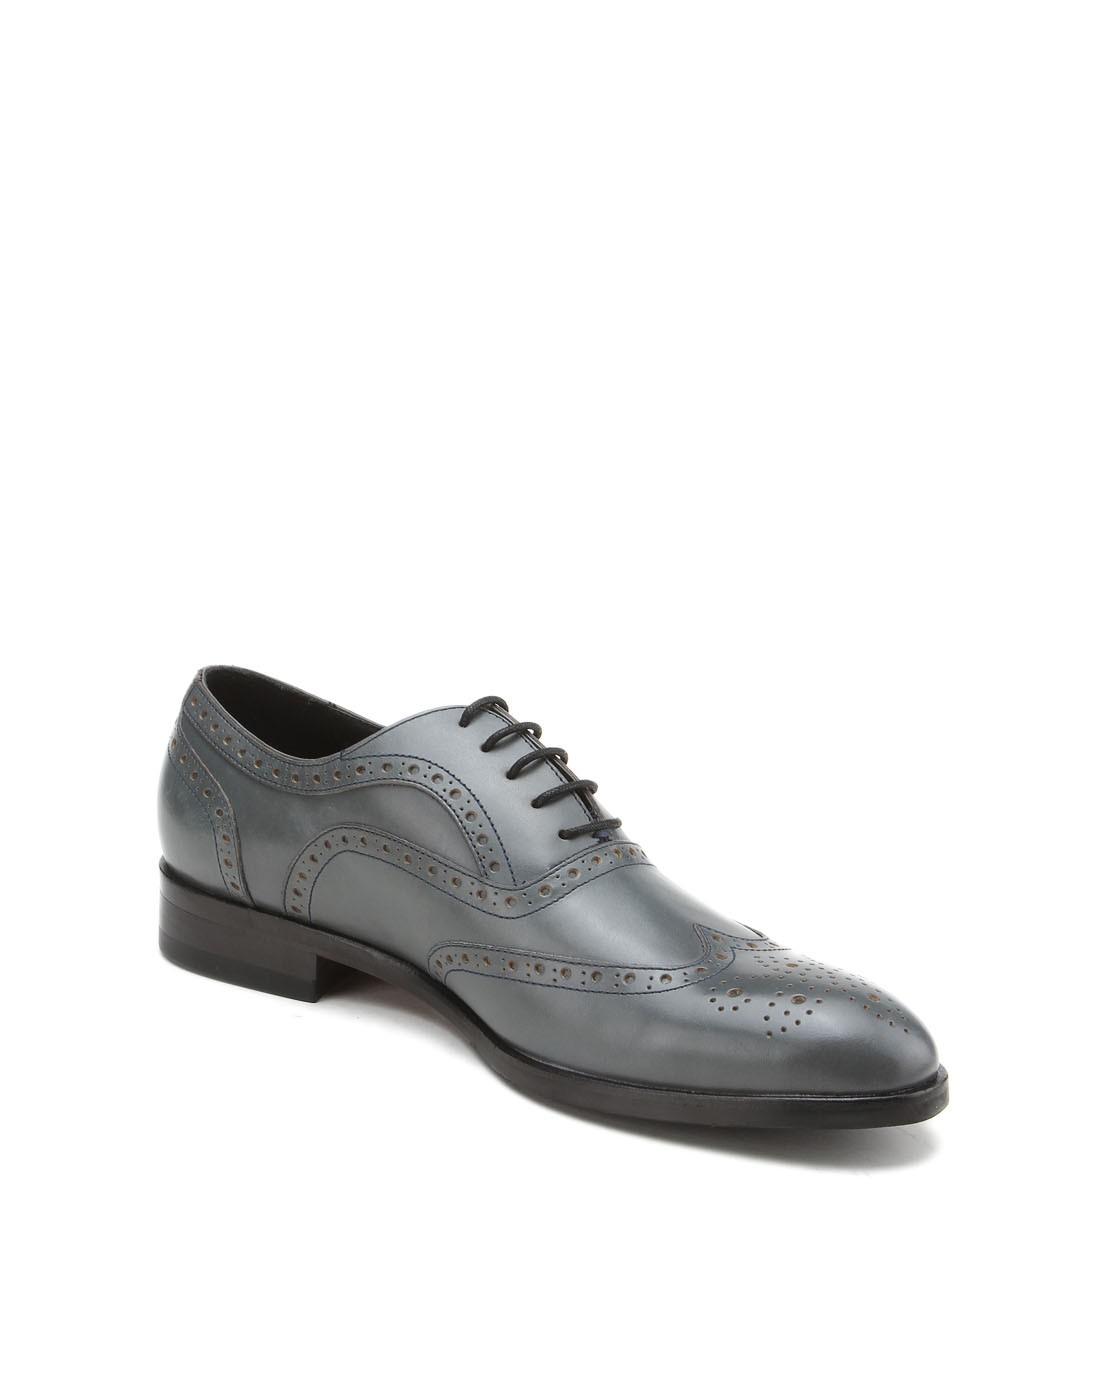 蓝灰色牛皮时尚布洛克皮鞋图片